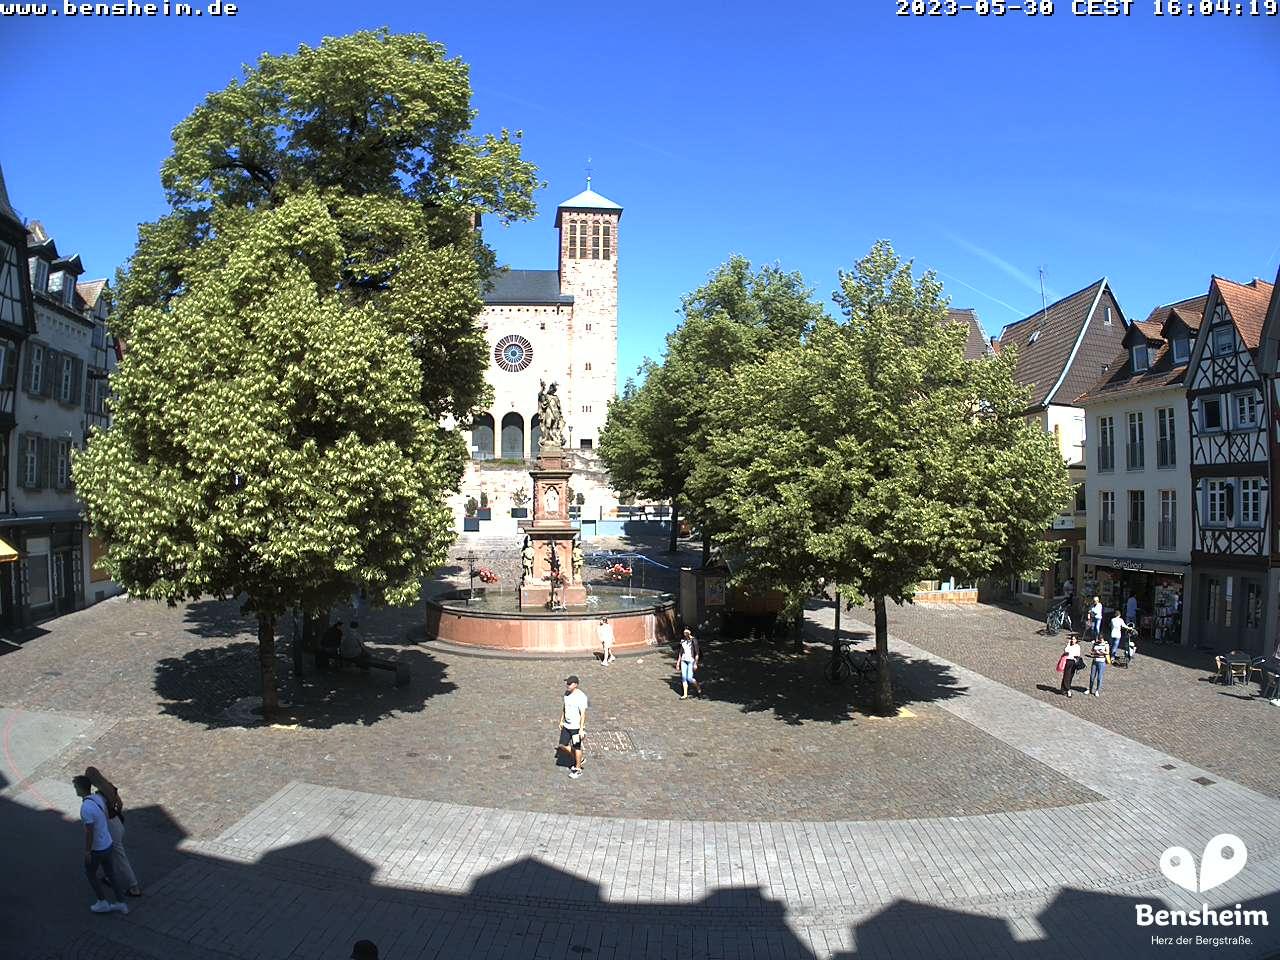 Webcam Marktplatz Bensheim